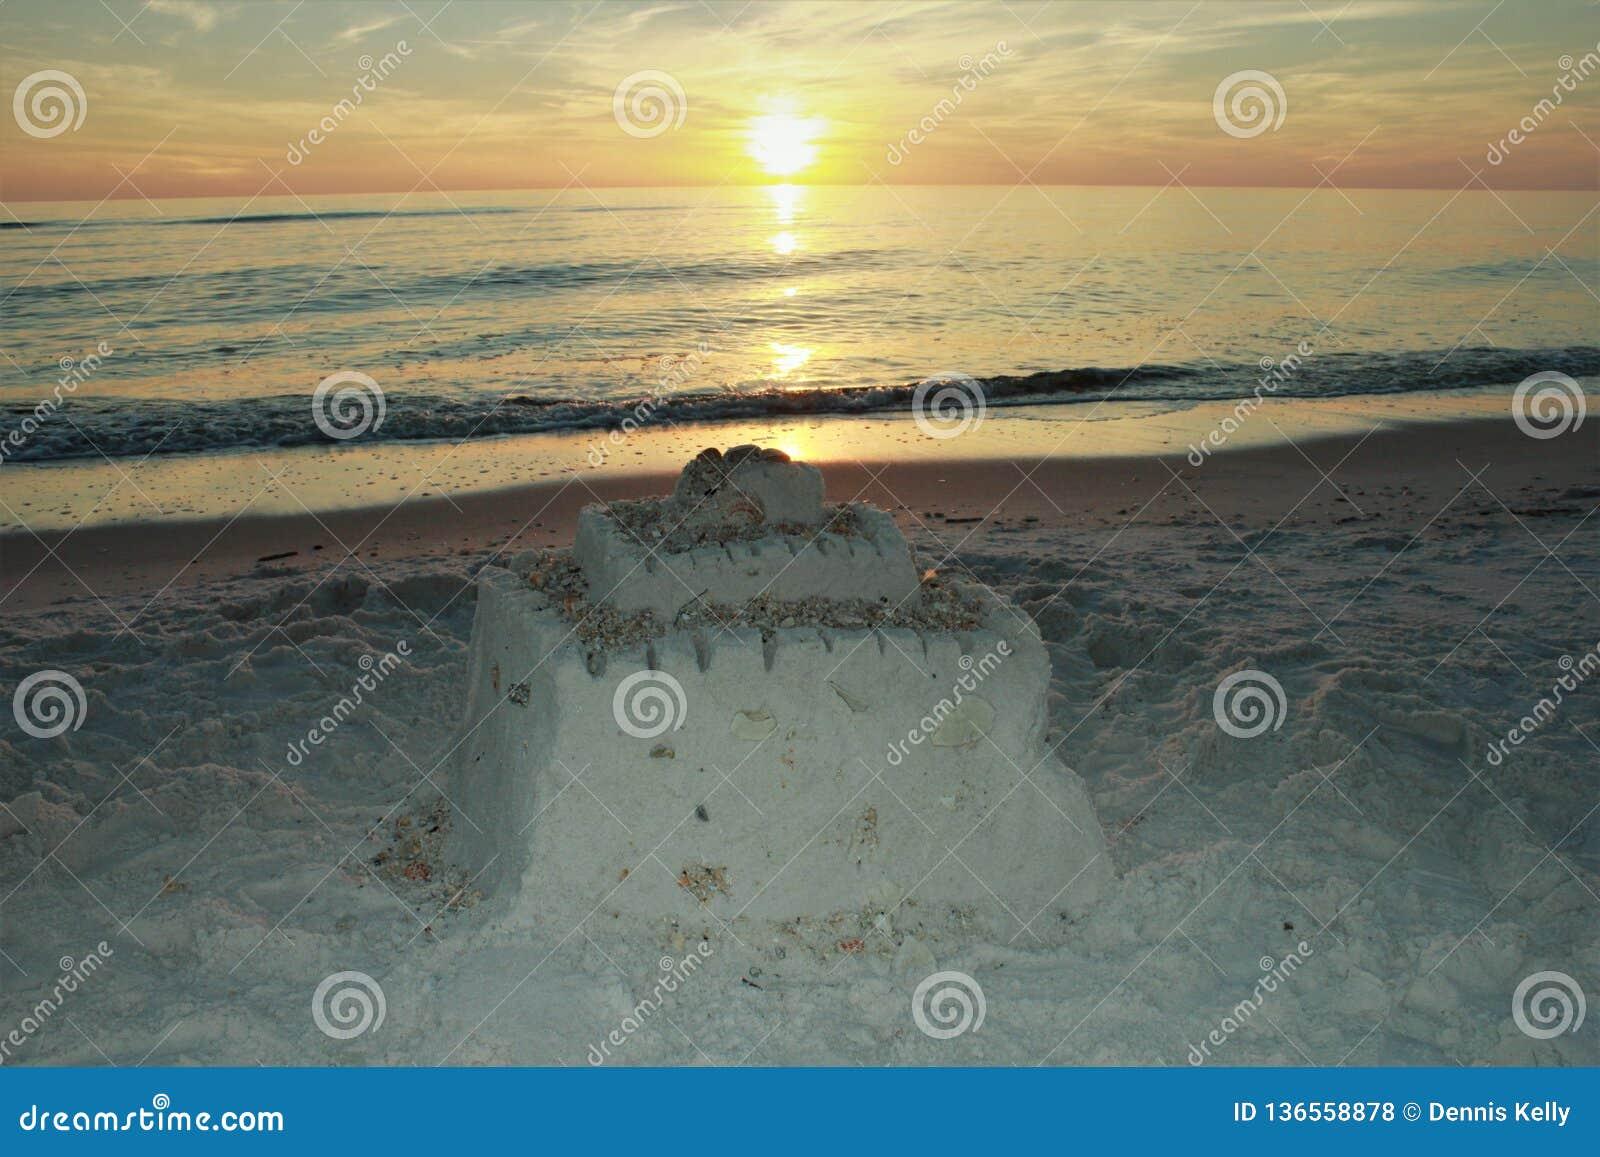 Playa el Golfo de México de ciudad de Panamá cerca del castillo pintoresco de la arena de la puesta del sol